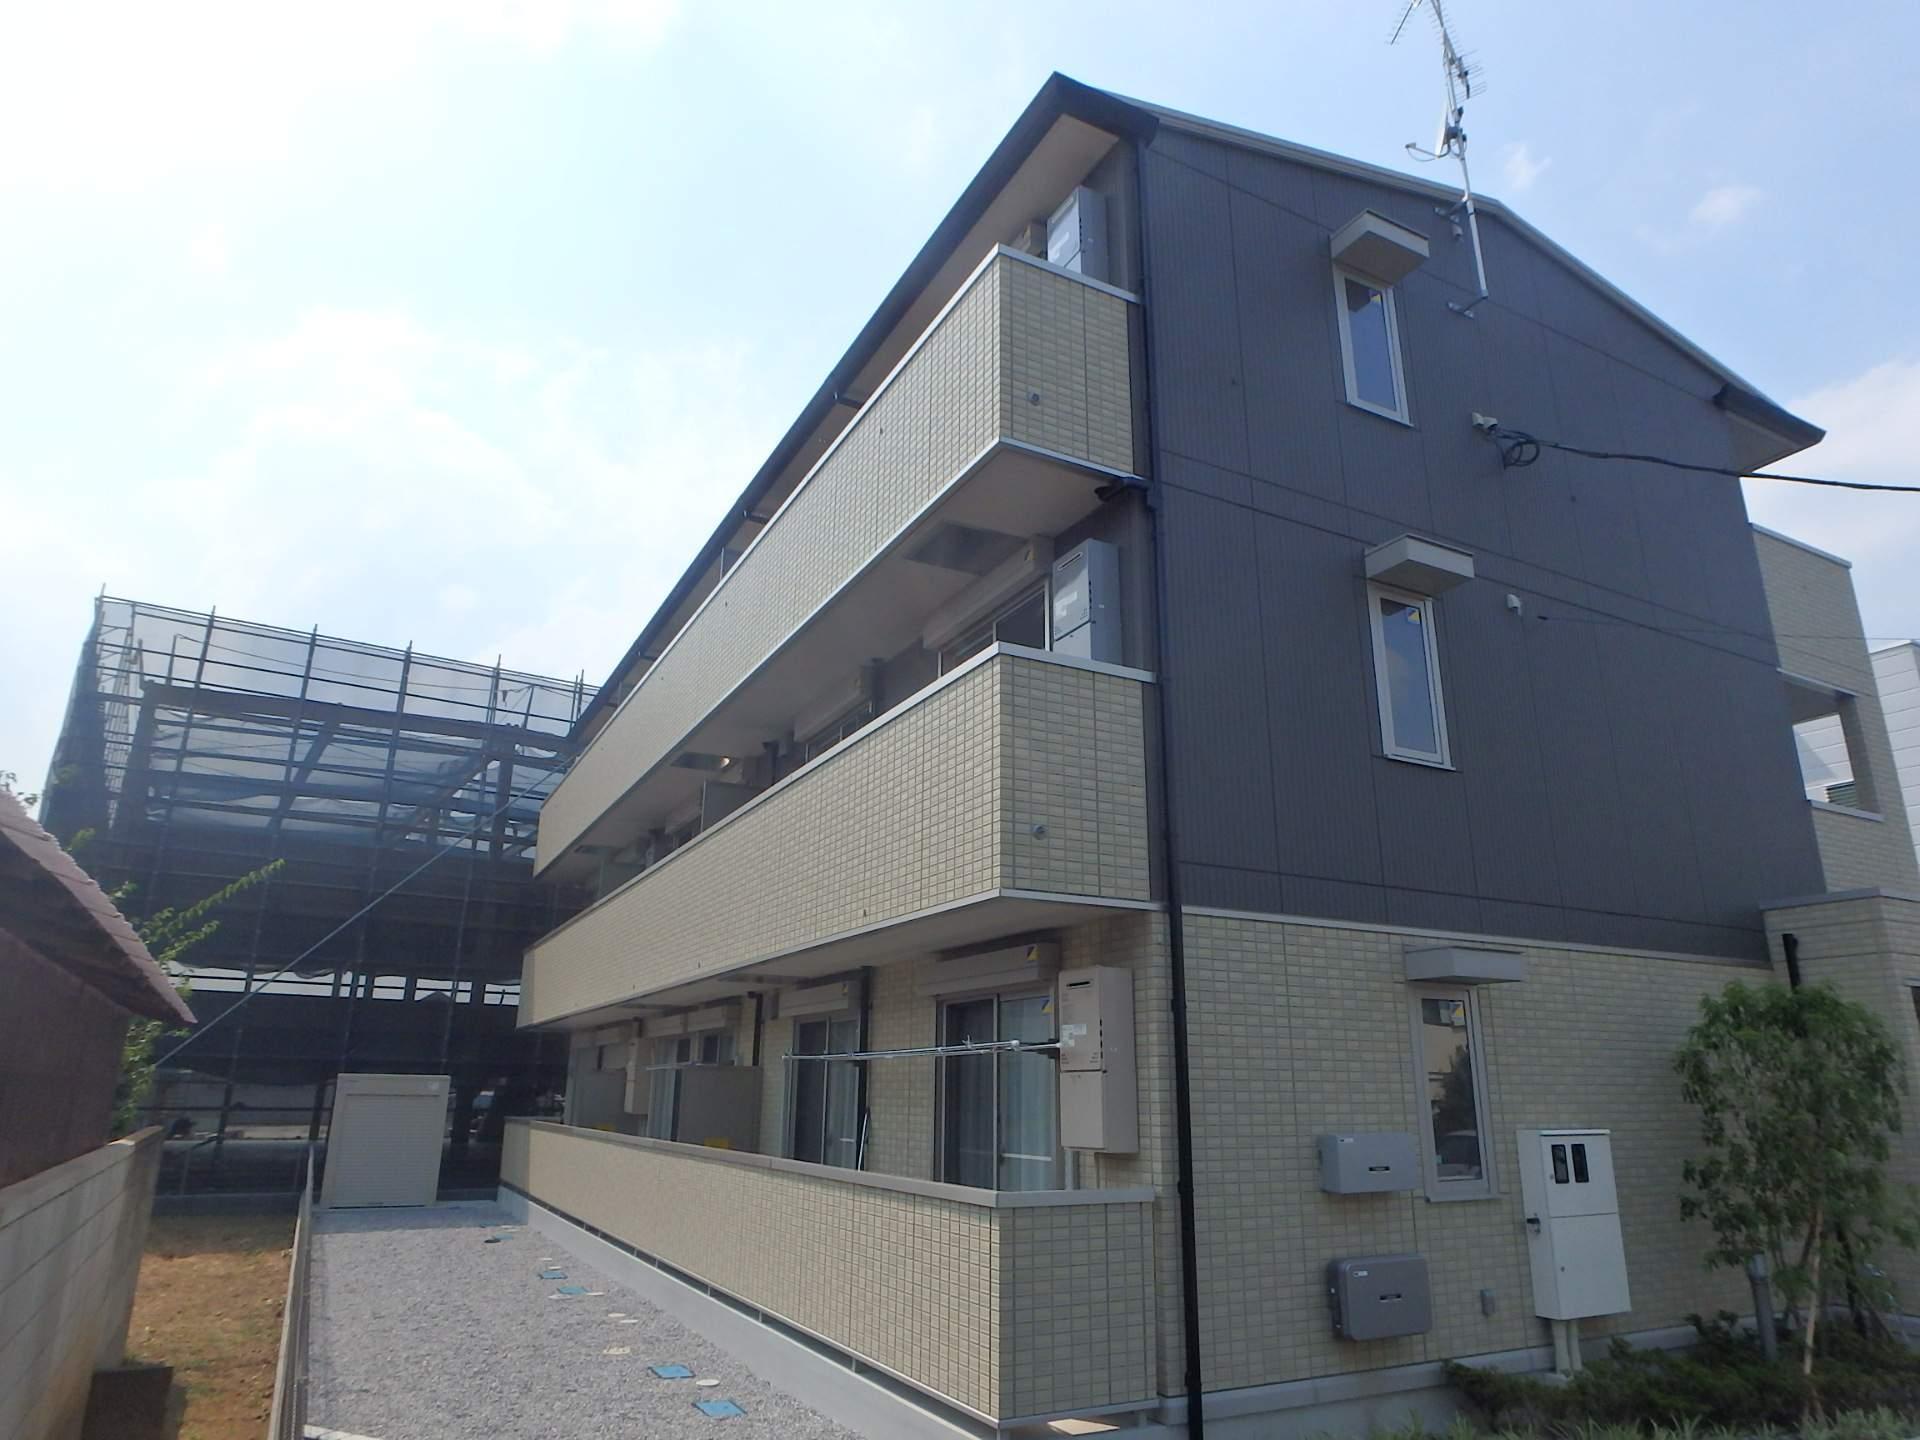 埼玉県川口市、南鳩ヶ谷駅徒歩16分の築1年 3階建の賃貸アパート